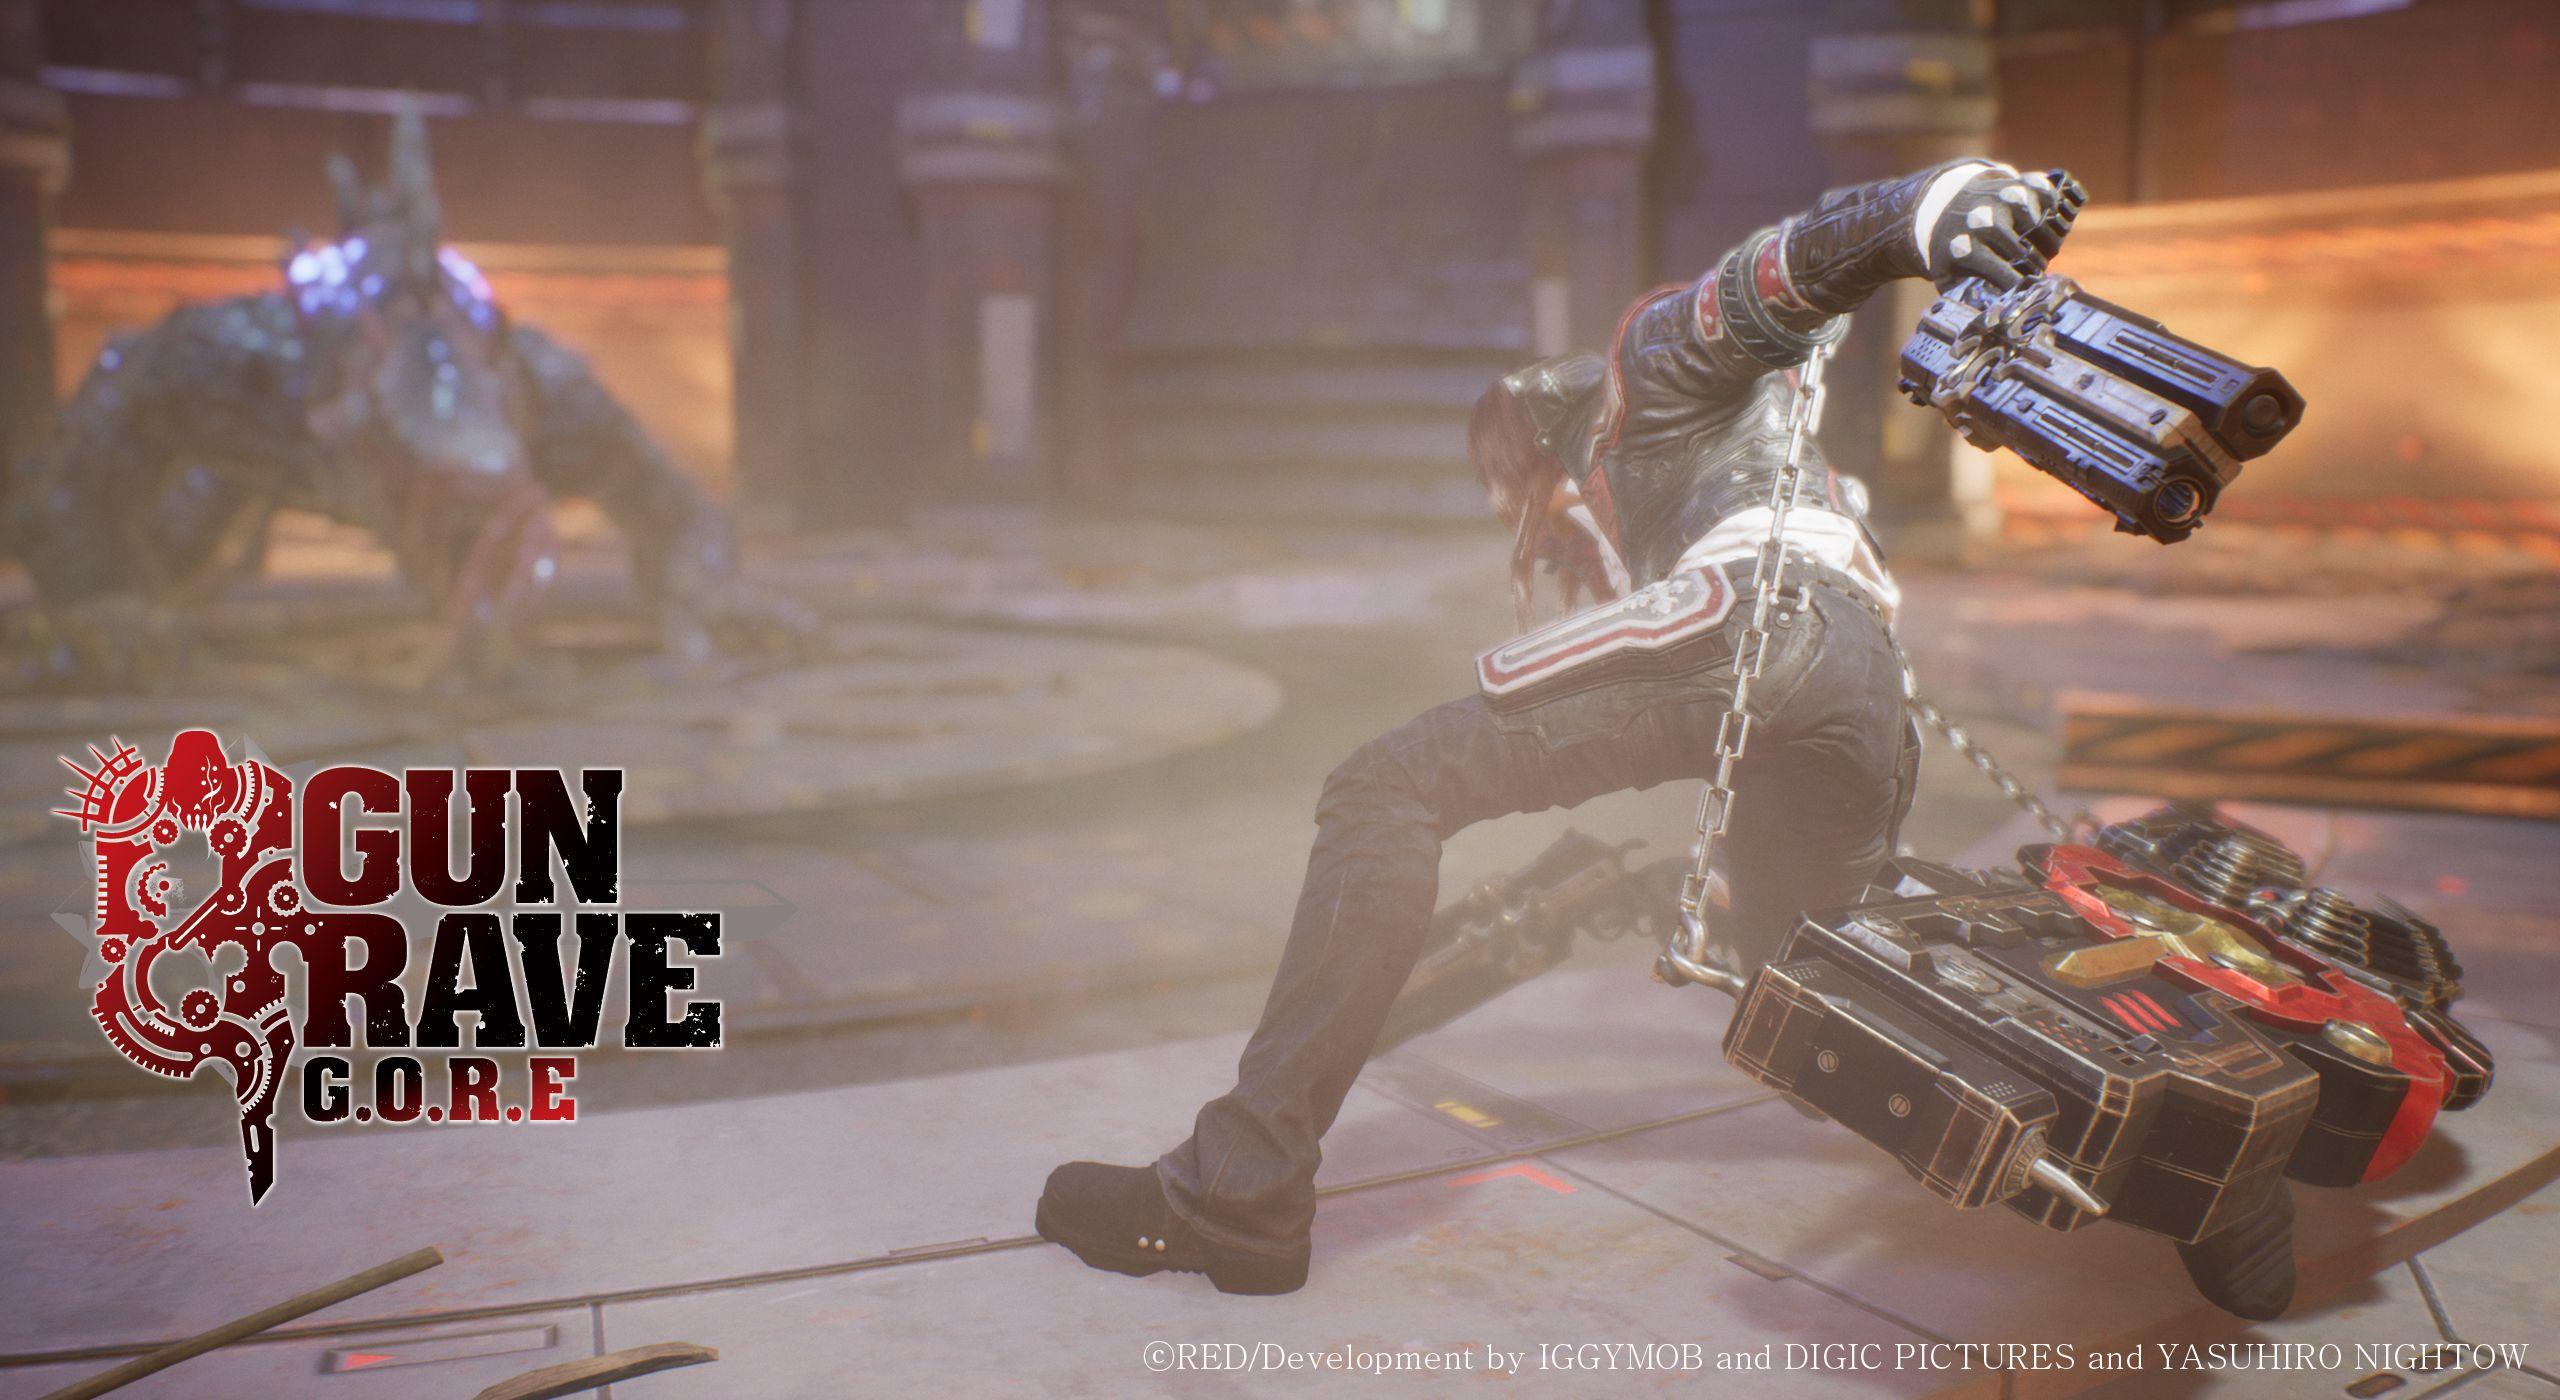 E3 2021:多次跳票后 《枪墓G.O.R.E》上市日期确定